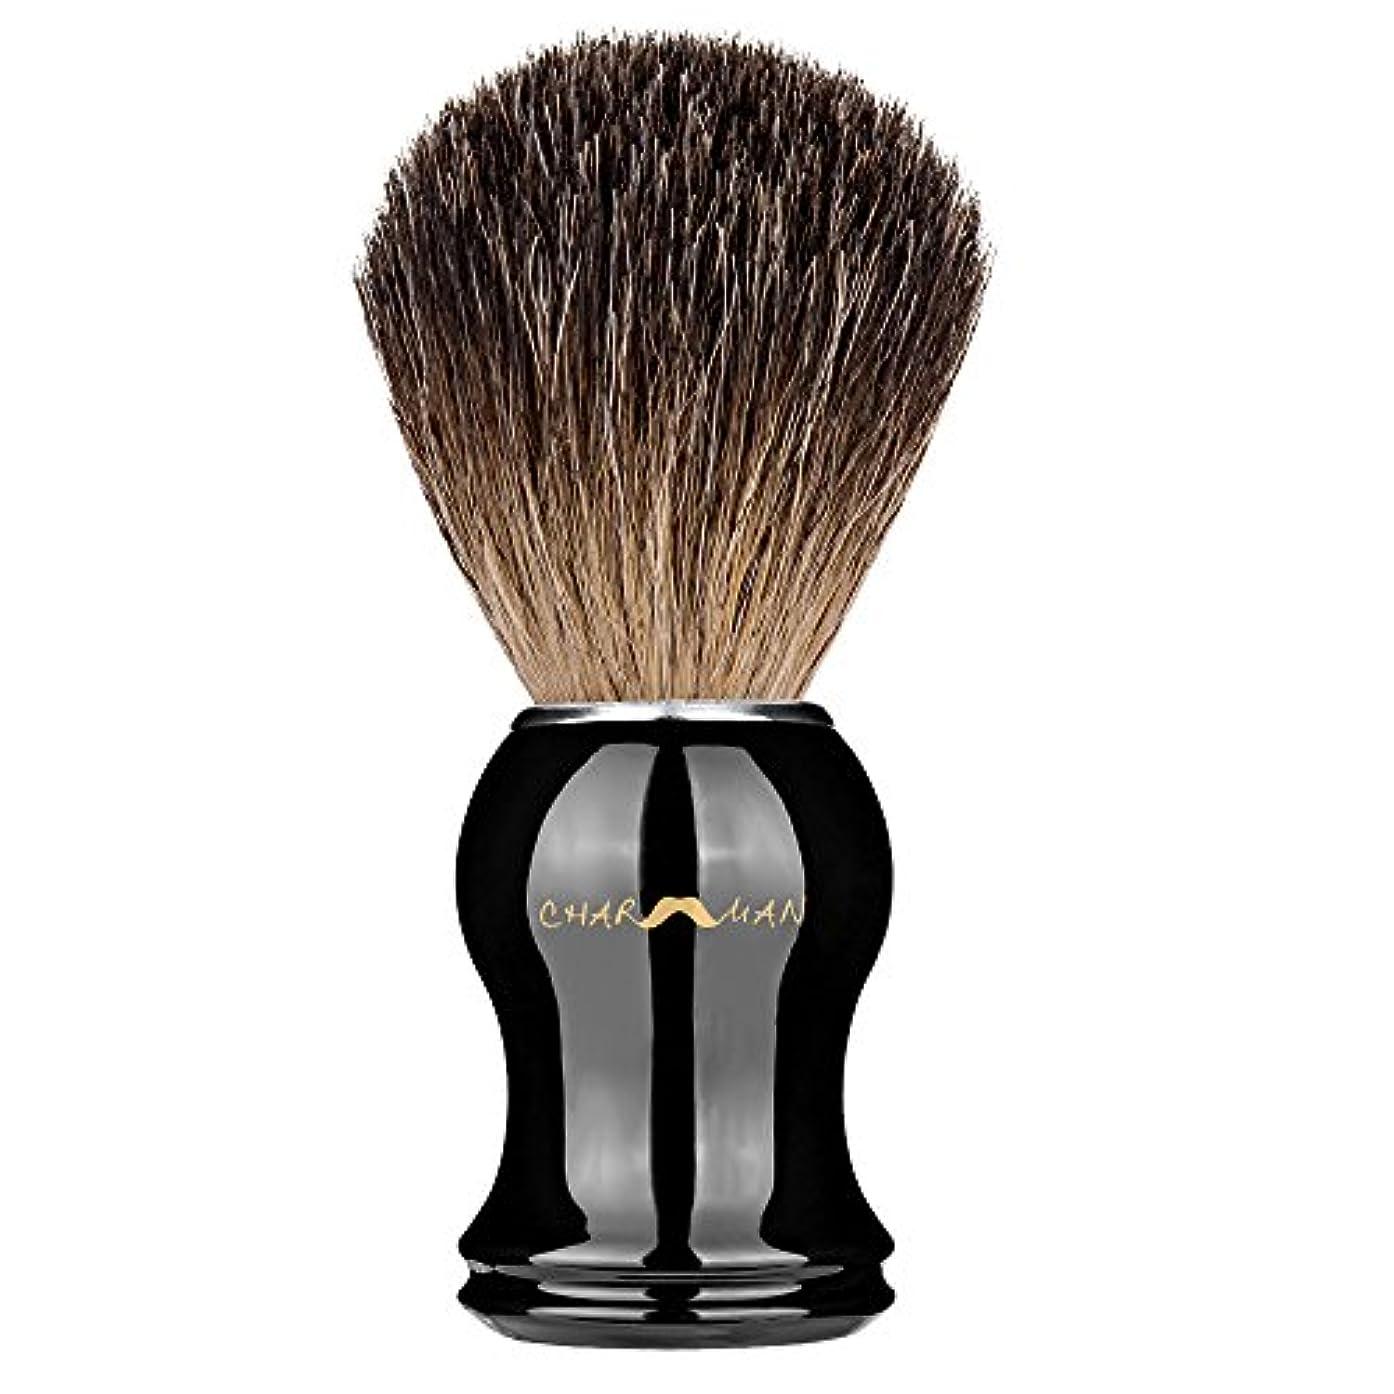 関係する凝縮する名前charmmanクラッシク100%アナグマ毛シェービングブラシ ハンドメイド ギフト包装